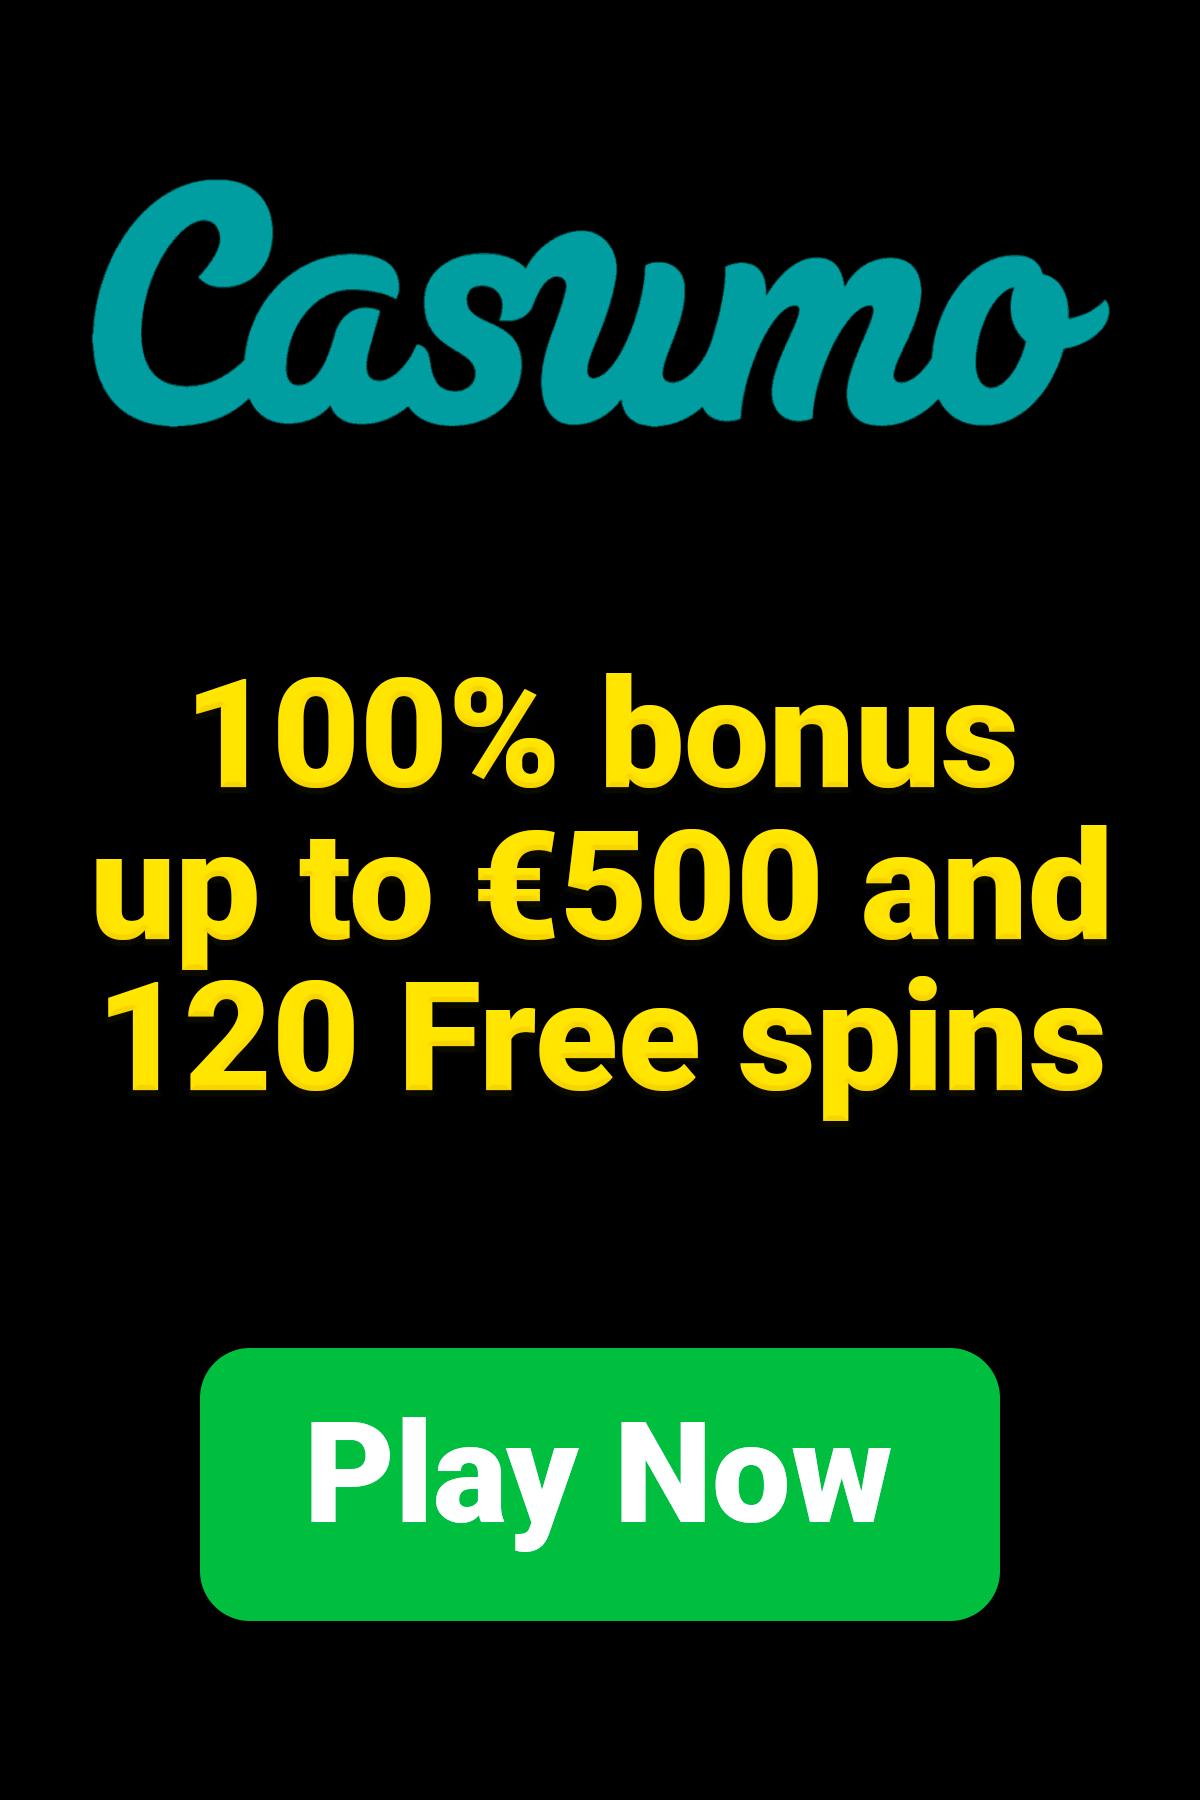 Das beste Online Casino Schweiz – empfohlen von NetEnt™